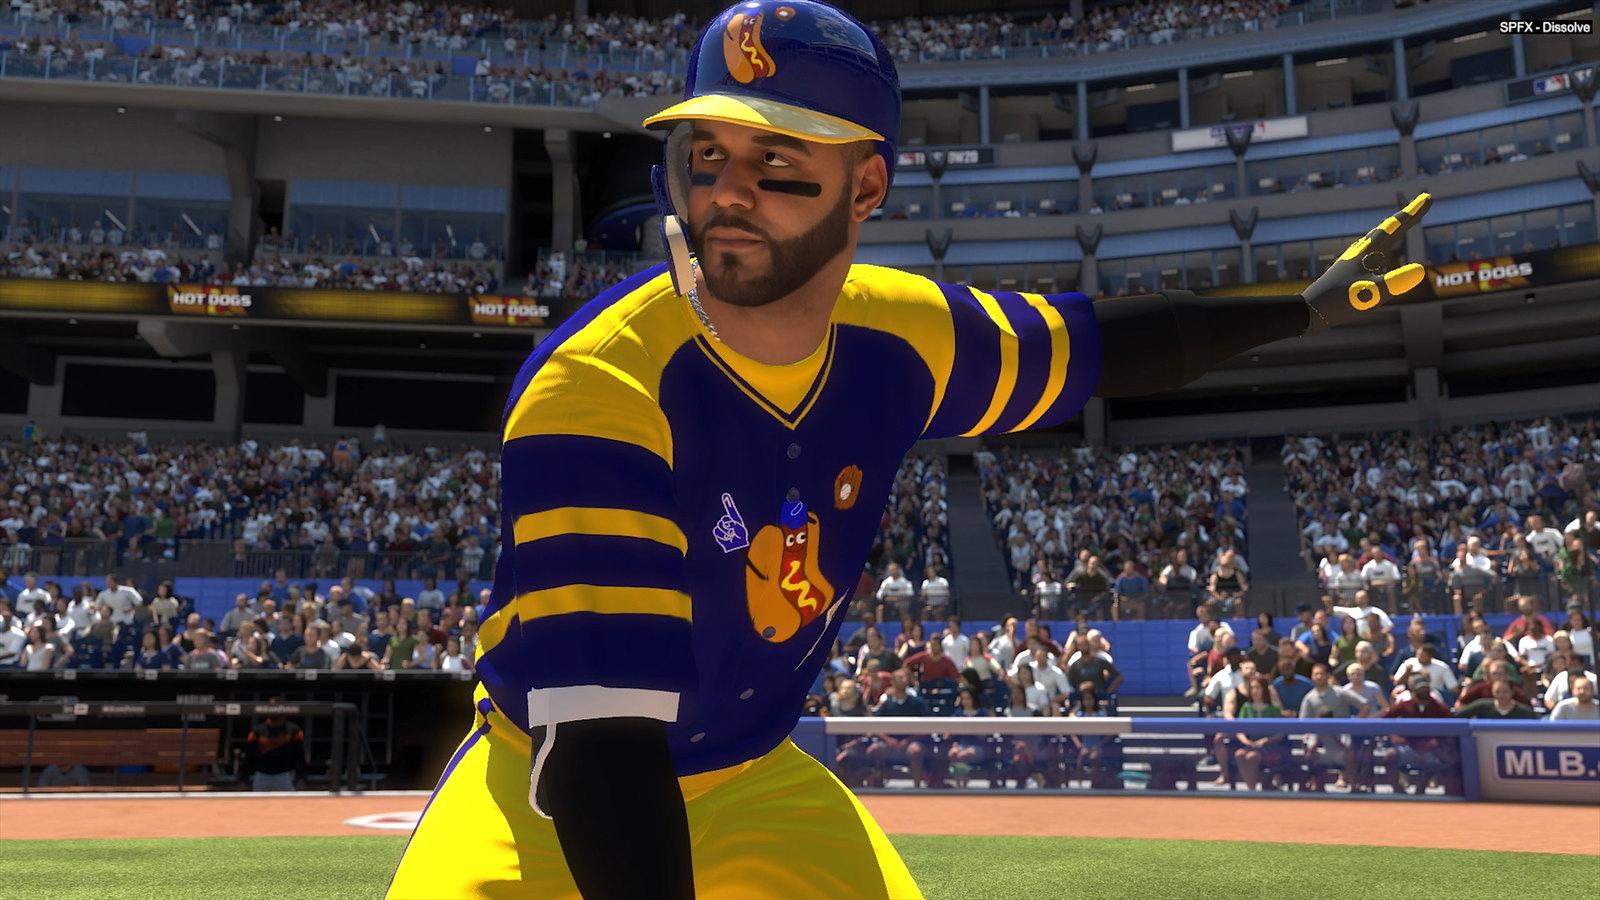 49666835546 a2d4d6fc3d h - MLB The Show 20 erscheint heute für PS4 – jetzt 10 Features und Tipps lesen